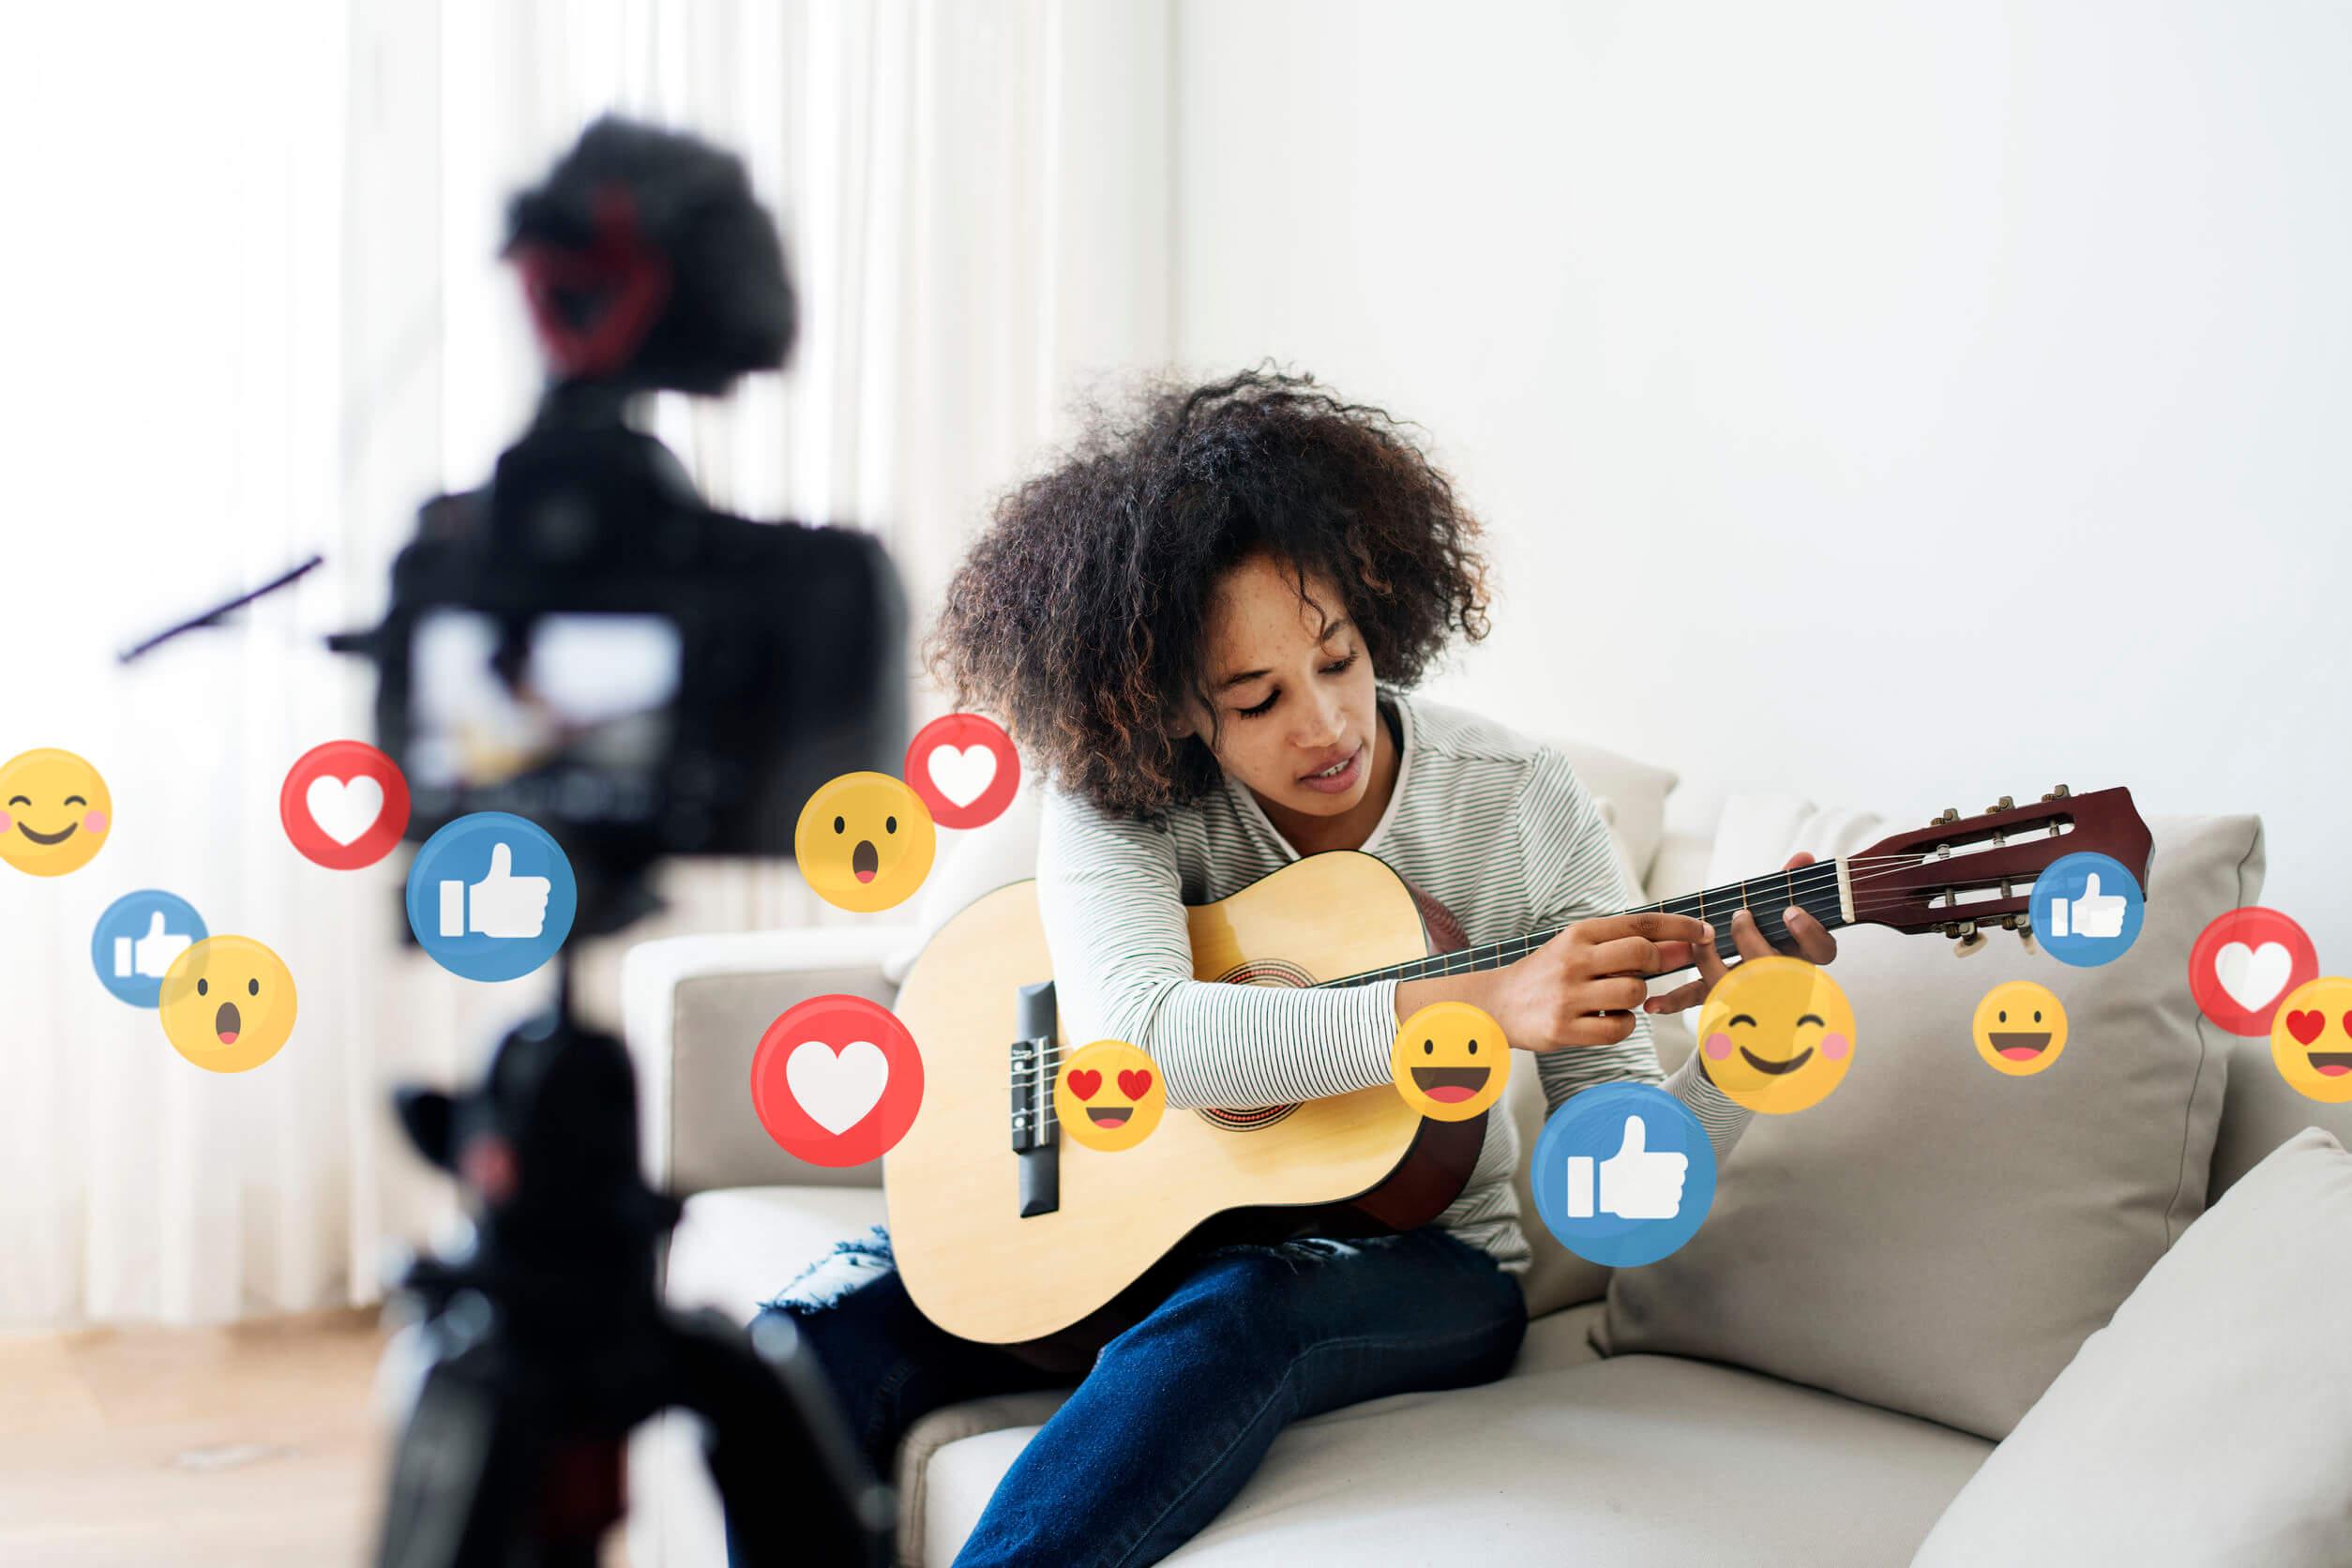 Una de las mejores edutubers para niños enseñando a tocar la guitarra en su canal.